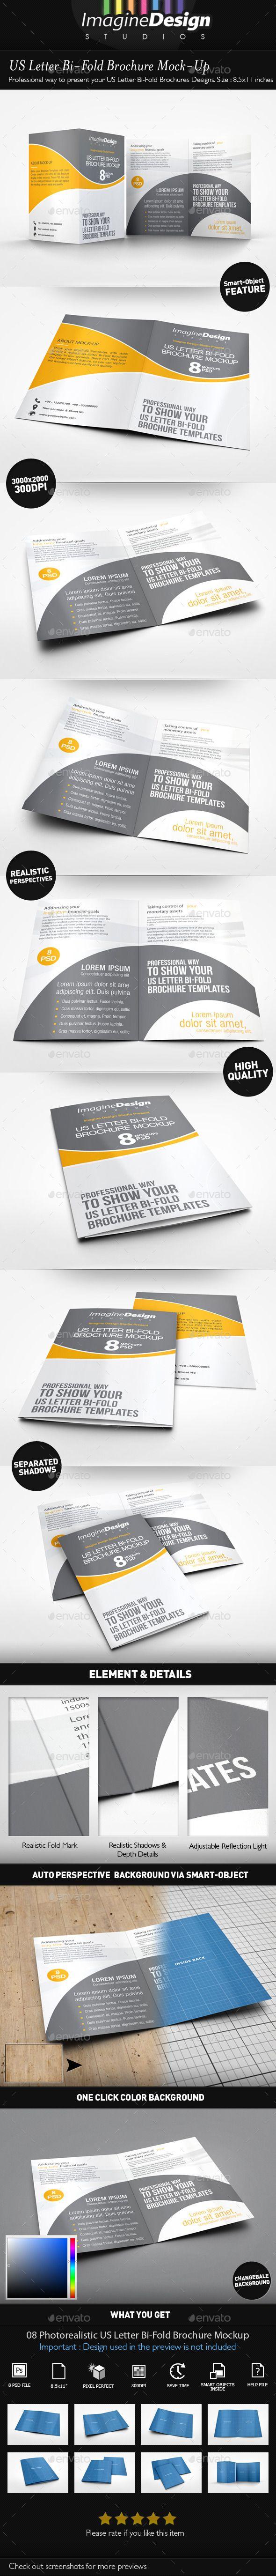 Us Letter BiFold Brochure MockUp  Brochures Mockup And Template